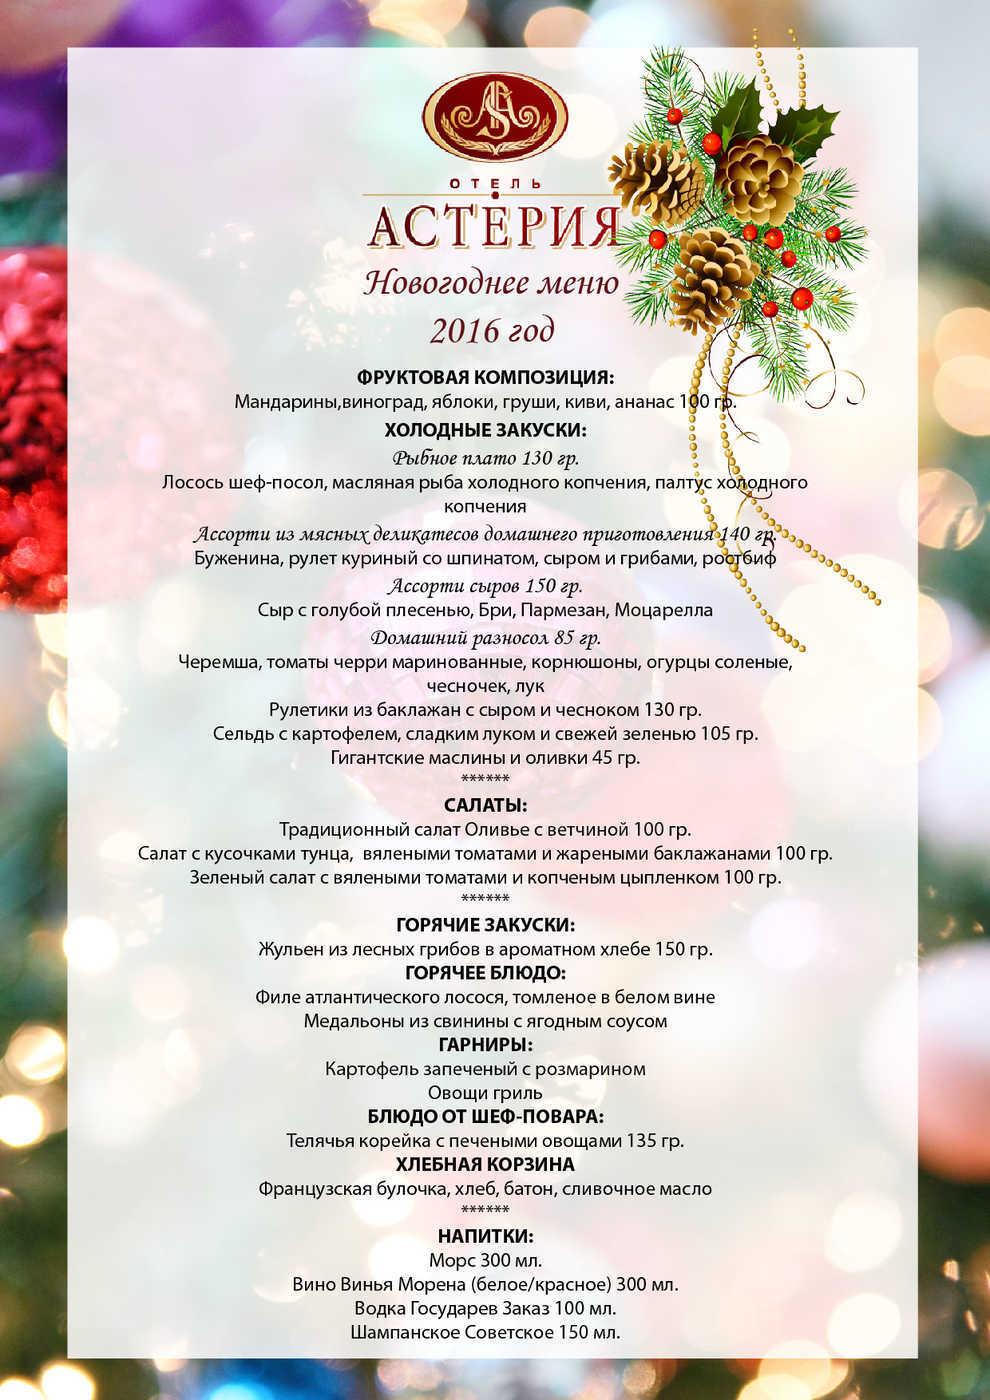 Банкетный зал ресторана Астерия (Asteria) на набережной реки Фонтанки фото 1